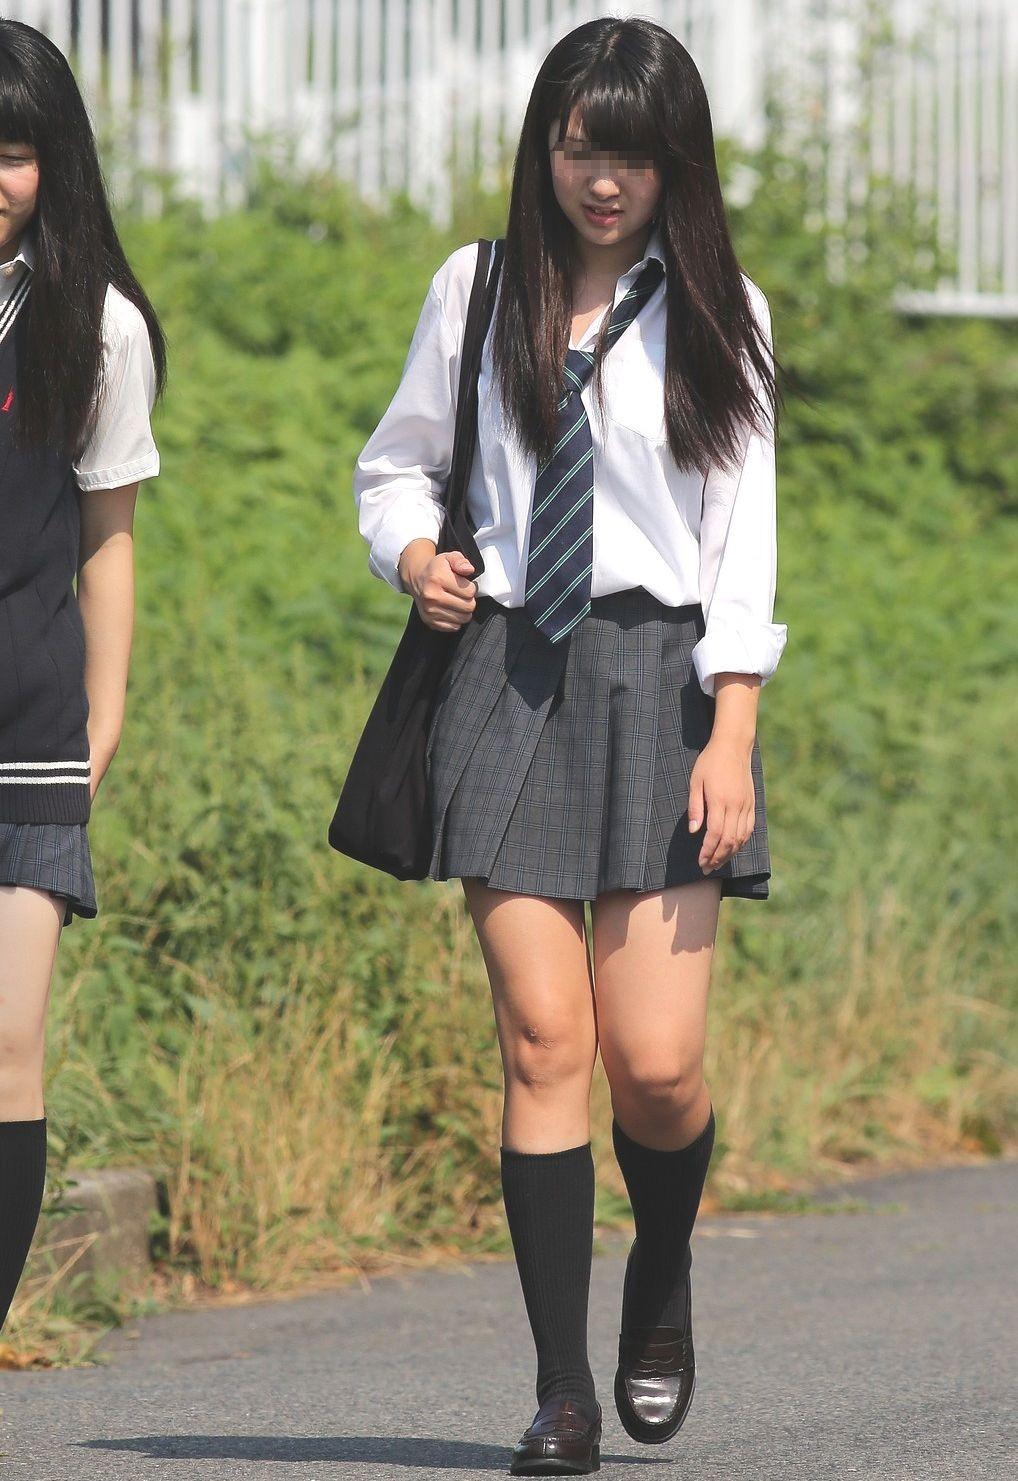 【JK街撮り】登下校中のJKたちの若き生脚に癒されて朝を迎えましょうwww 09